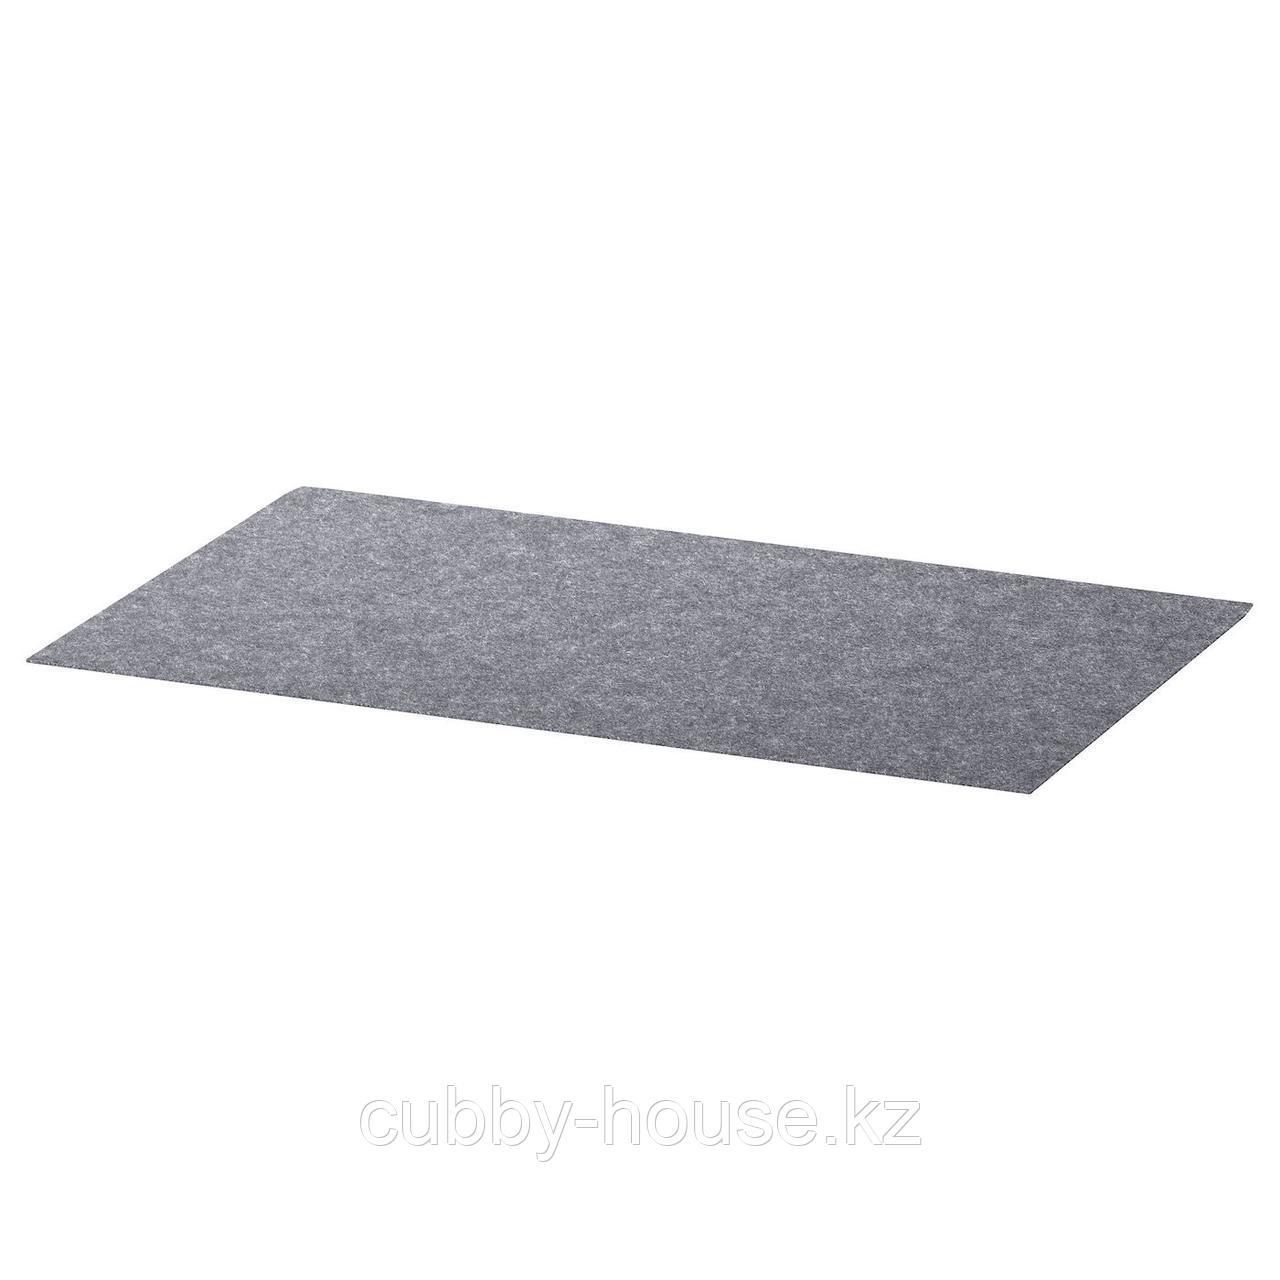 БЕСТО Коврик в ящик, серый, 32x51 см